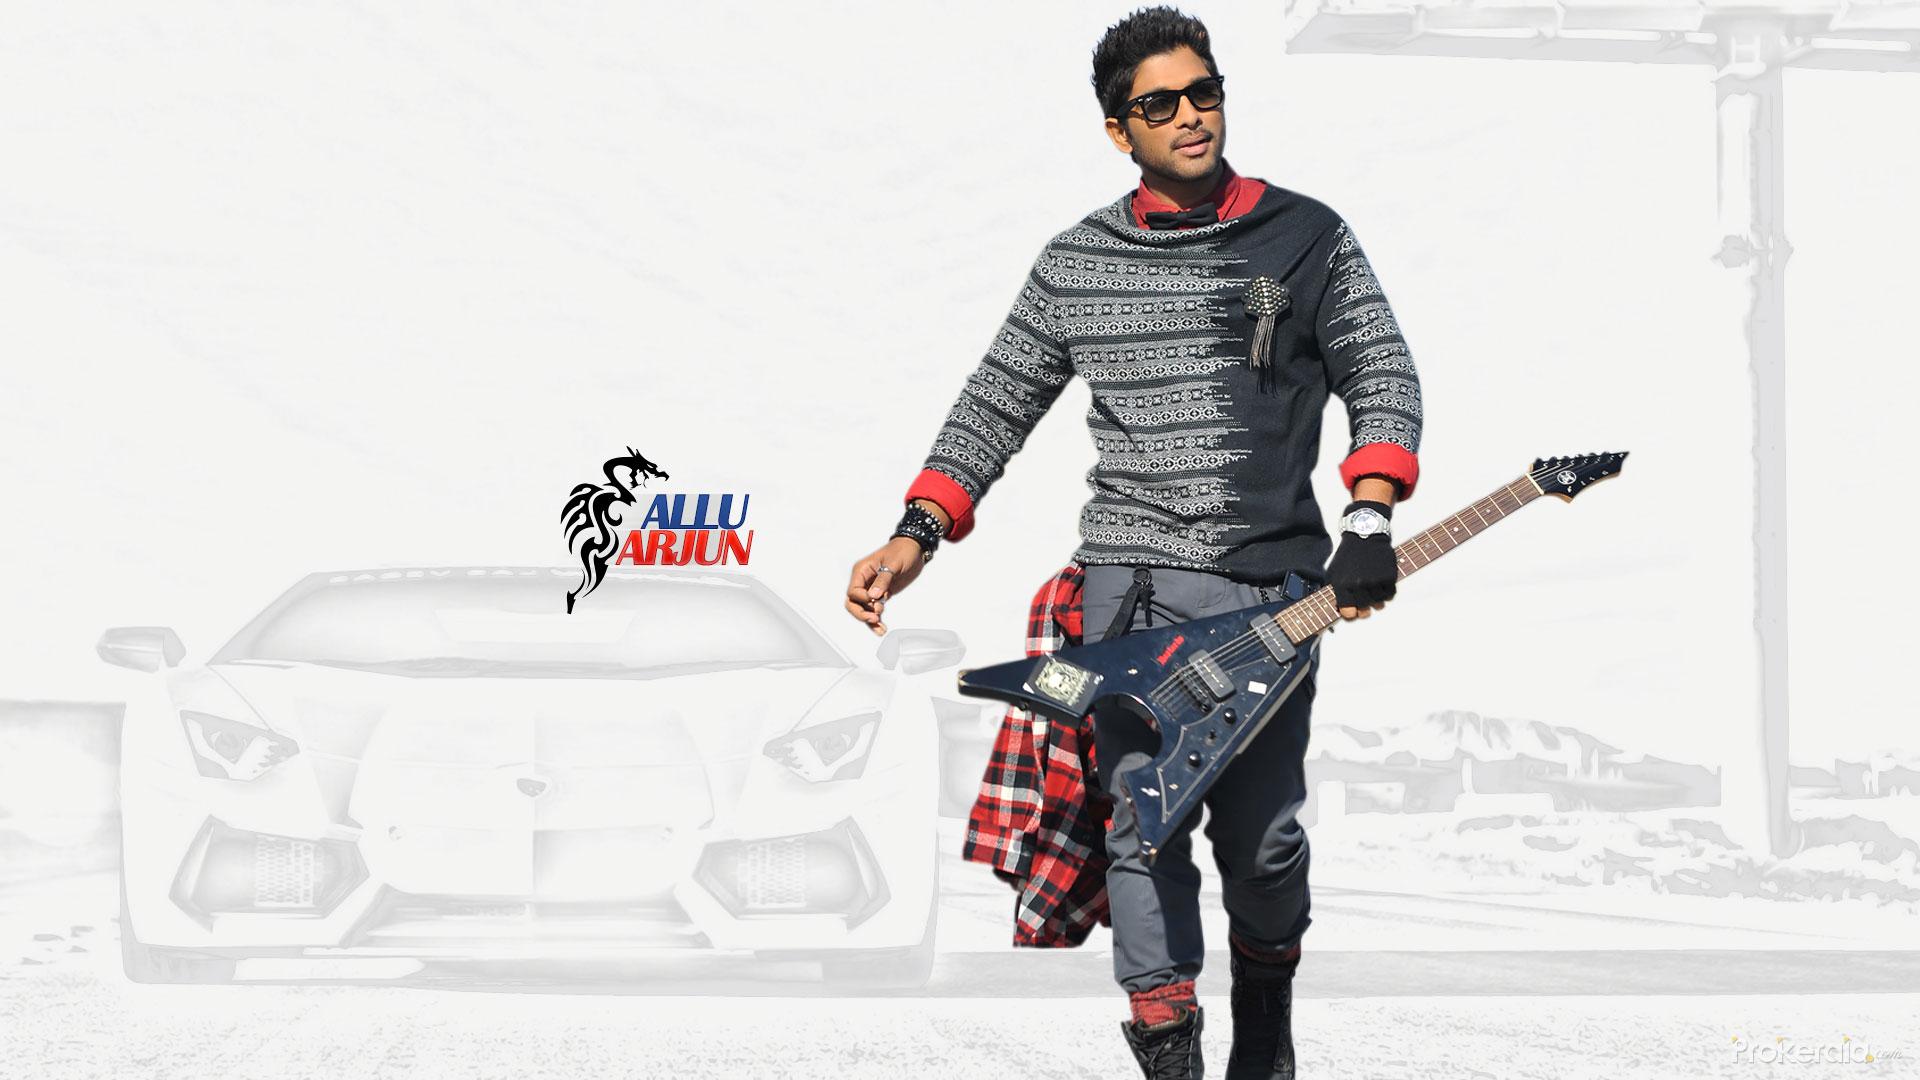 allu arjun hd wallpaper for desktop and mobile